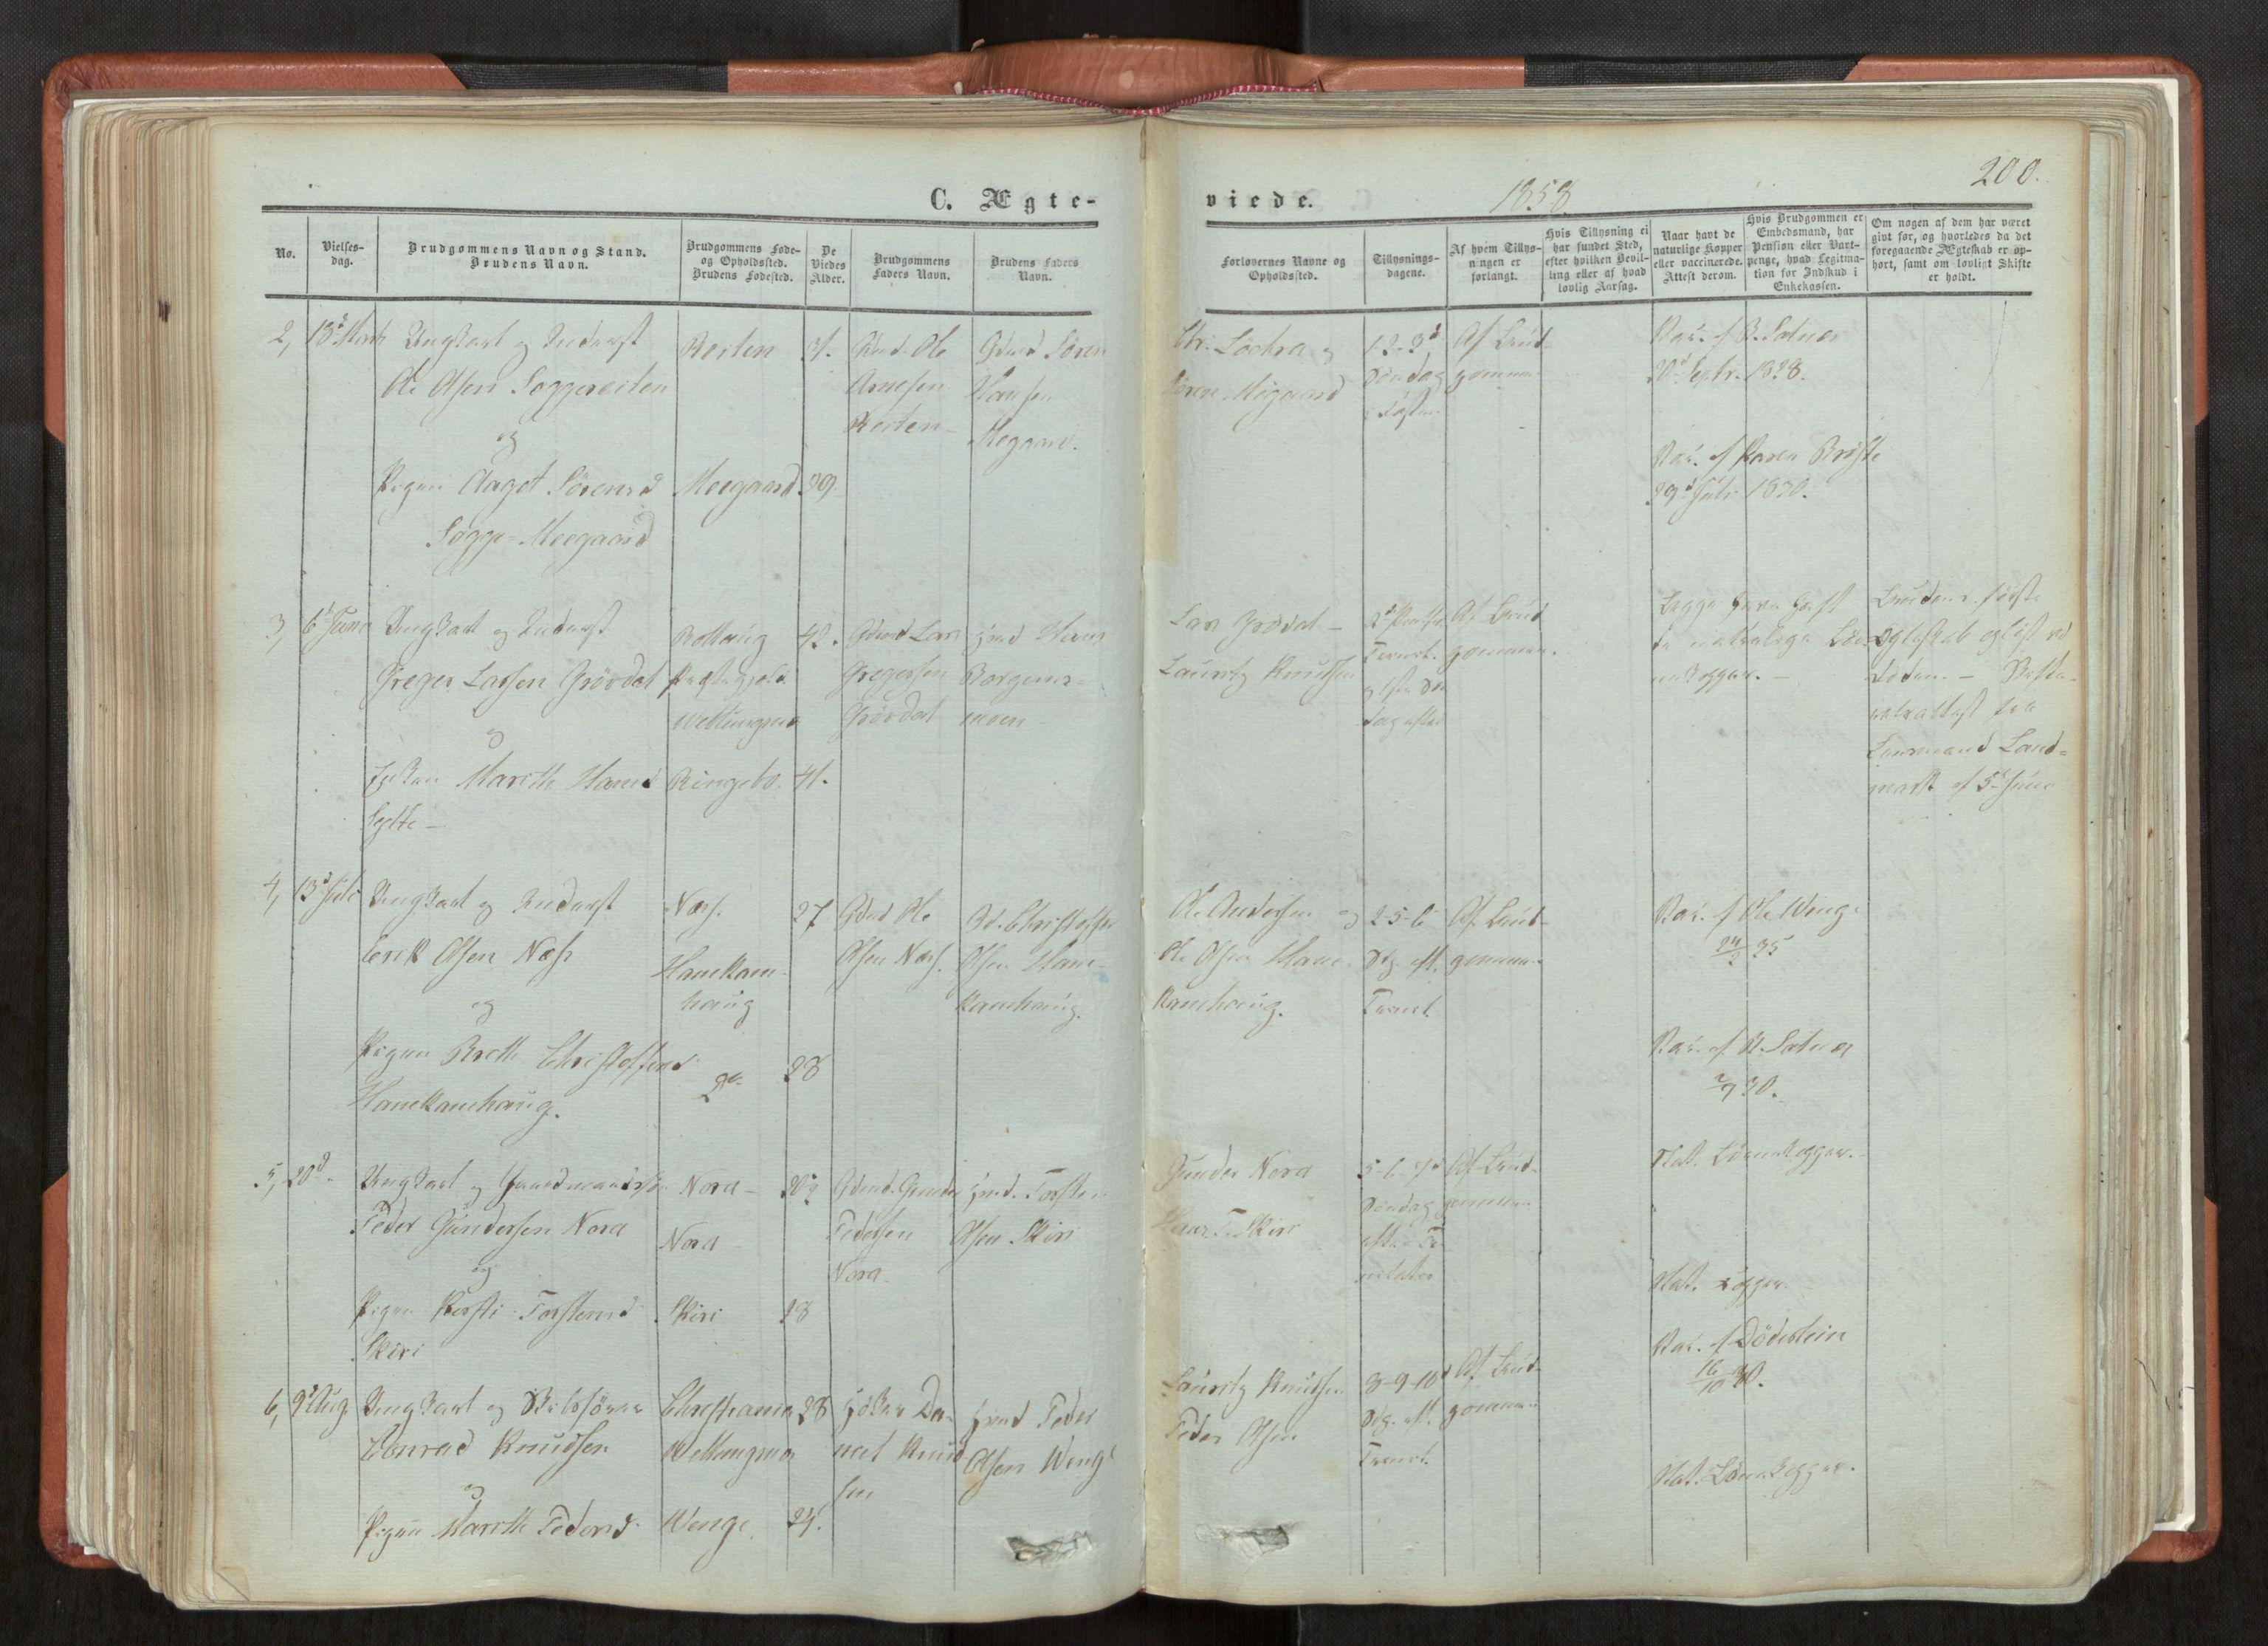 SAT, Ministerialprotokoller, klokkerbøker og fødselsregistre - Møre og Romsdal, 544/L0572: Ministerialbok nr. 544A05, 1854-1886, s. 200